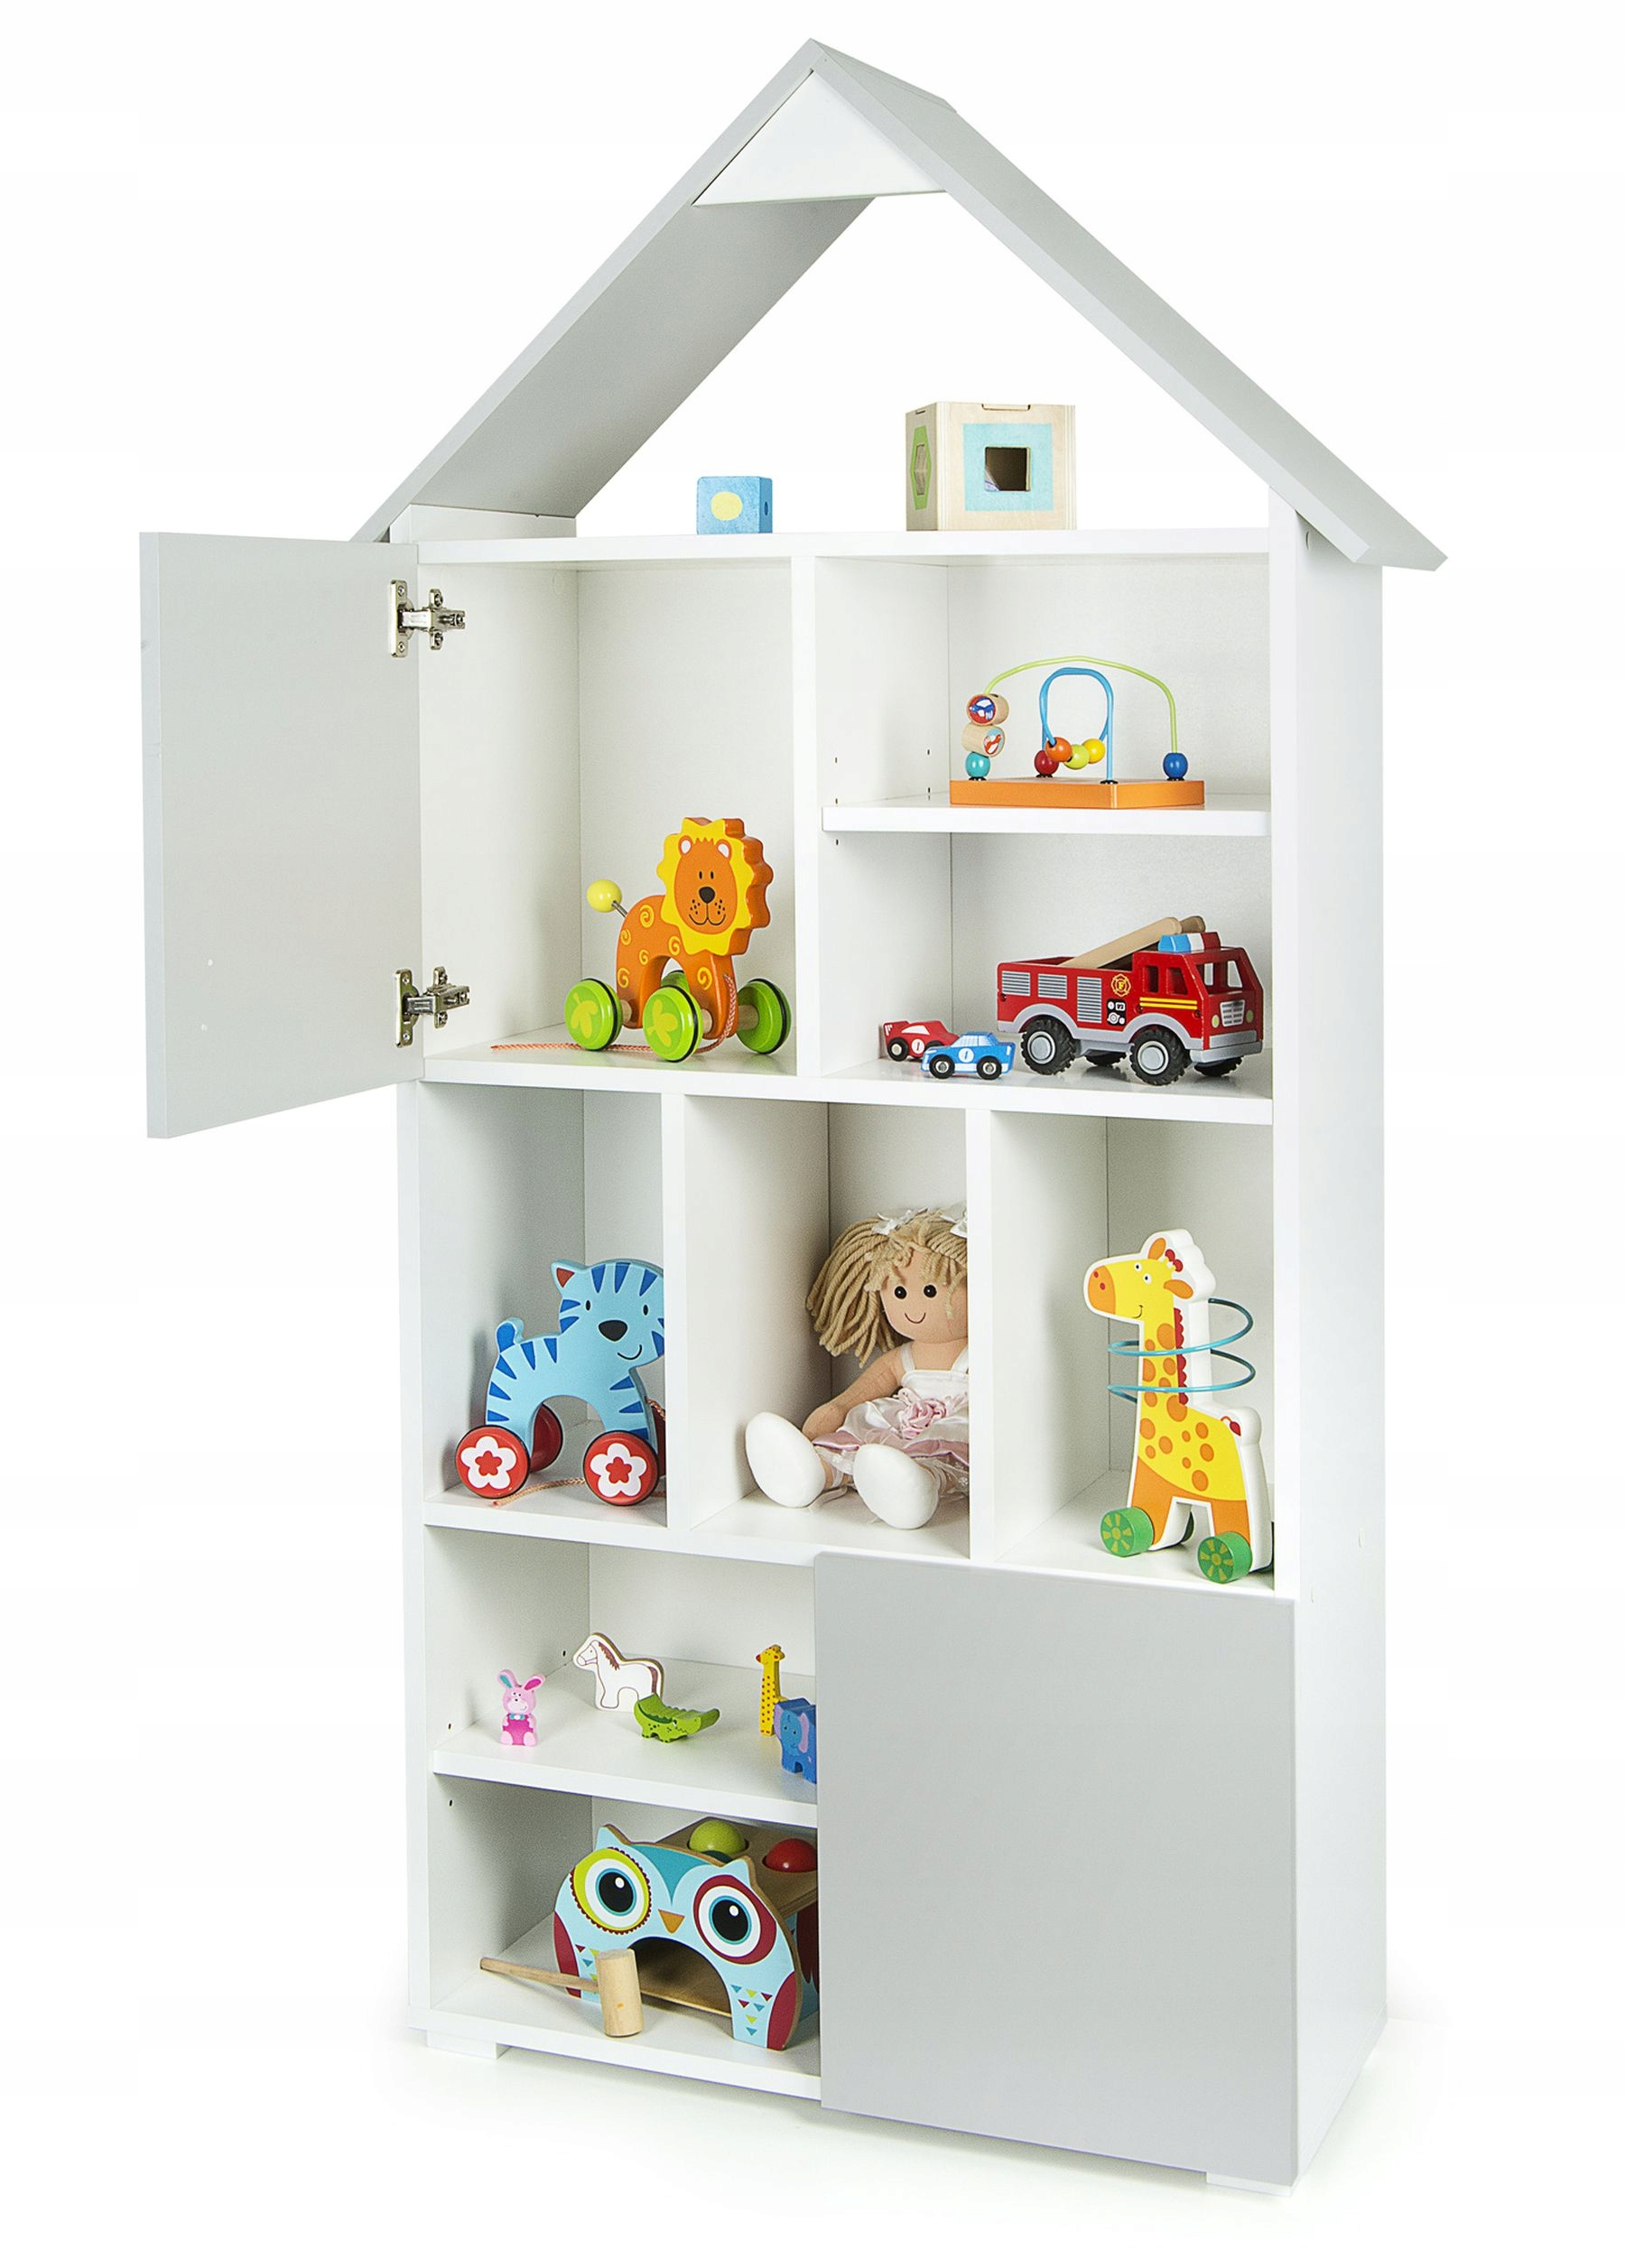 Книжный шкаф для дома с двумя шкафами Super Chata 161 см